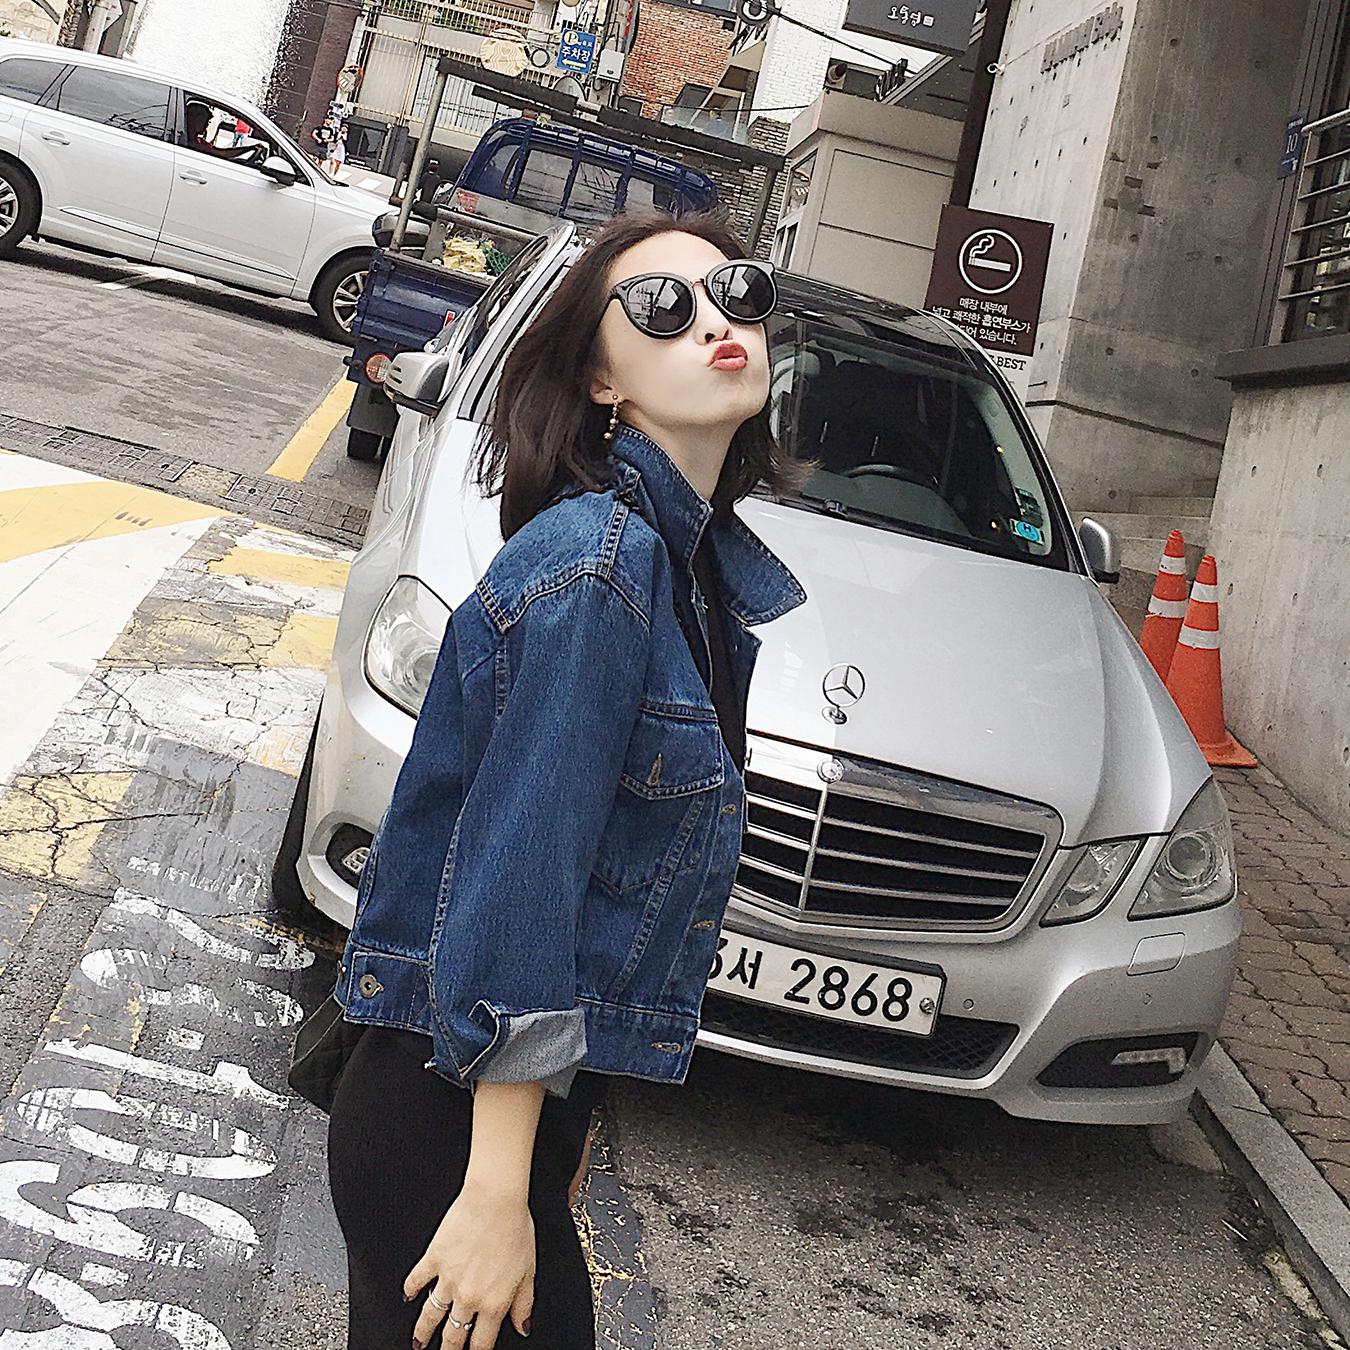 南瓜谷牛仔外套时尚女薄款夹克长袖宽松新款韩版短款上衣秋W182